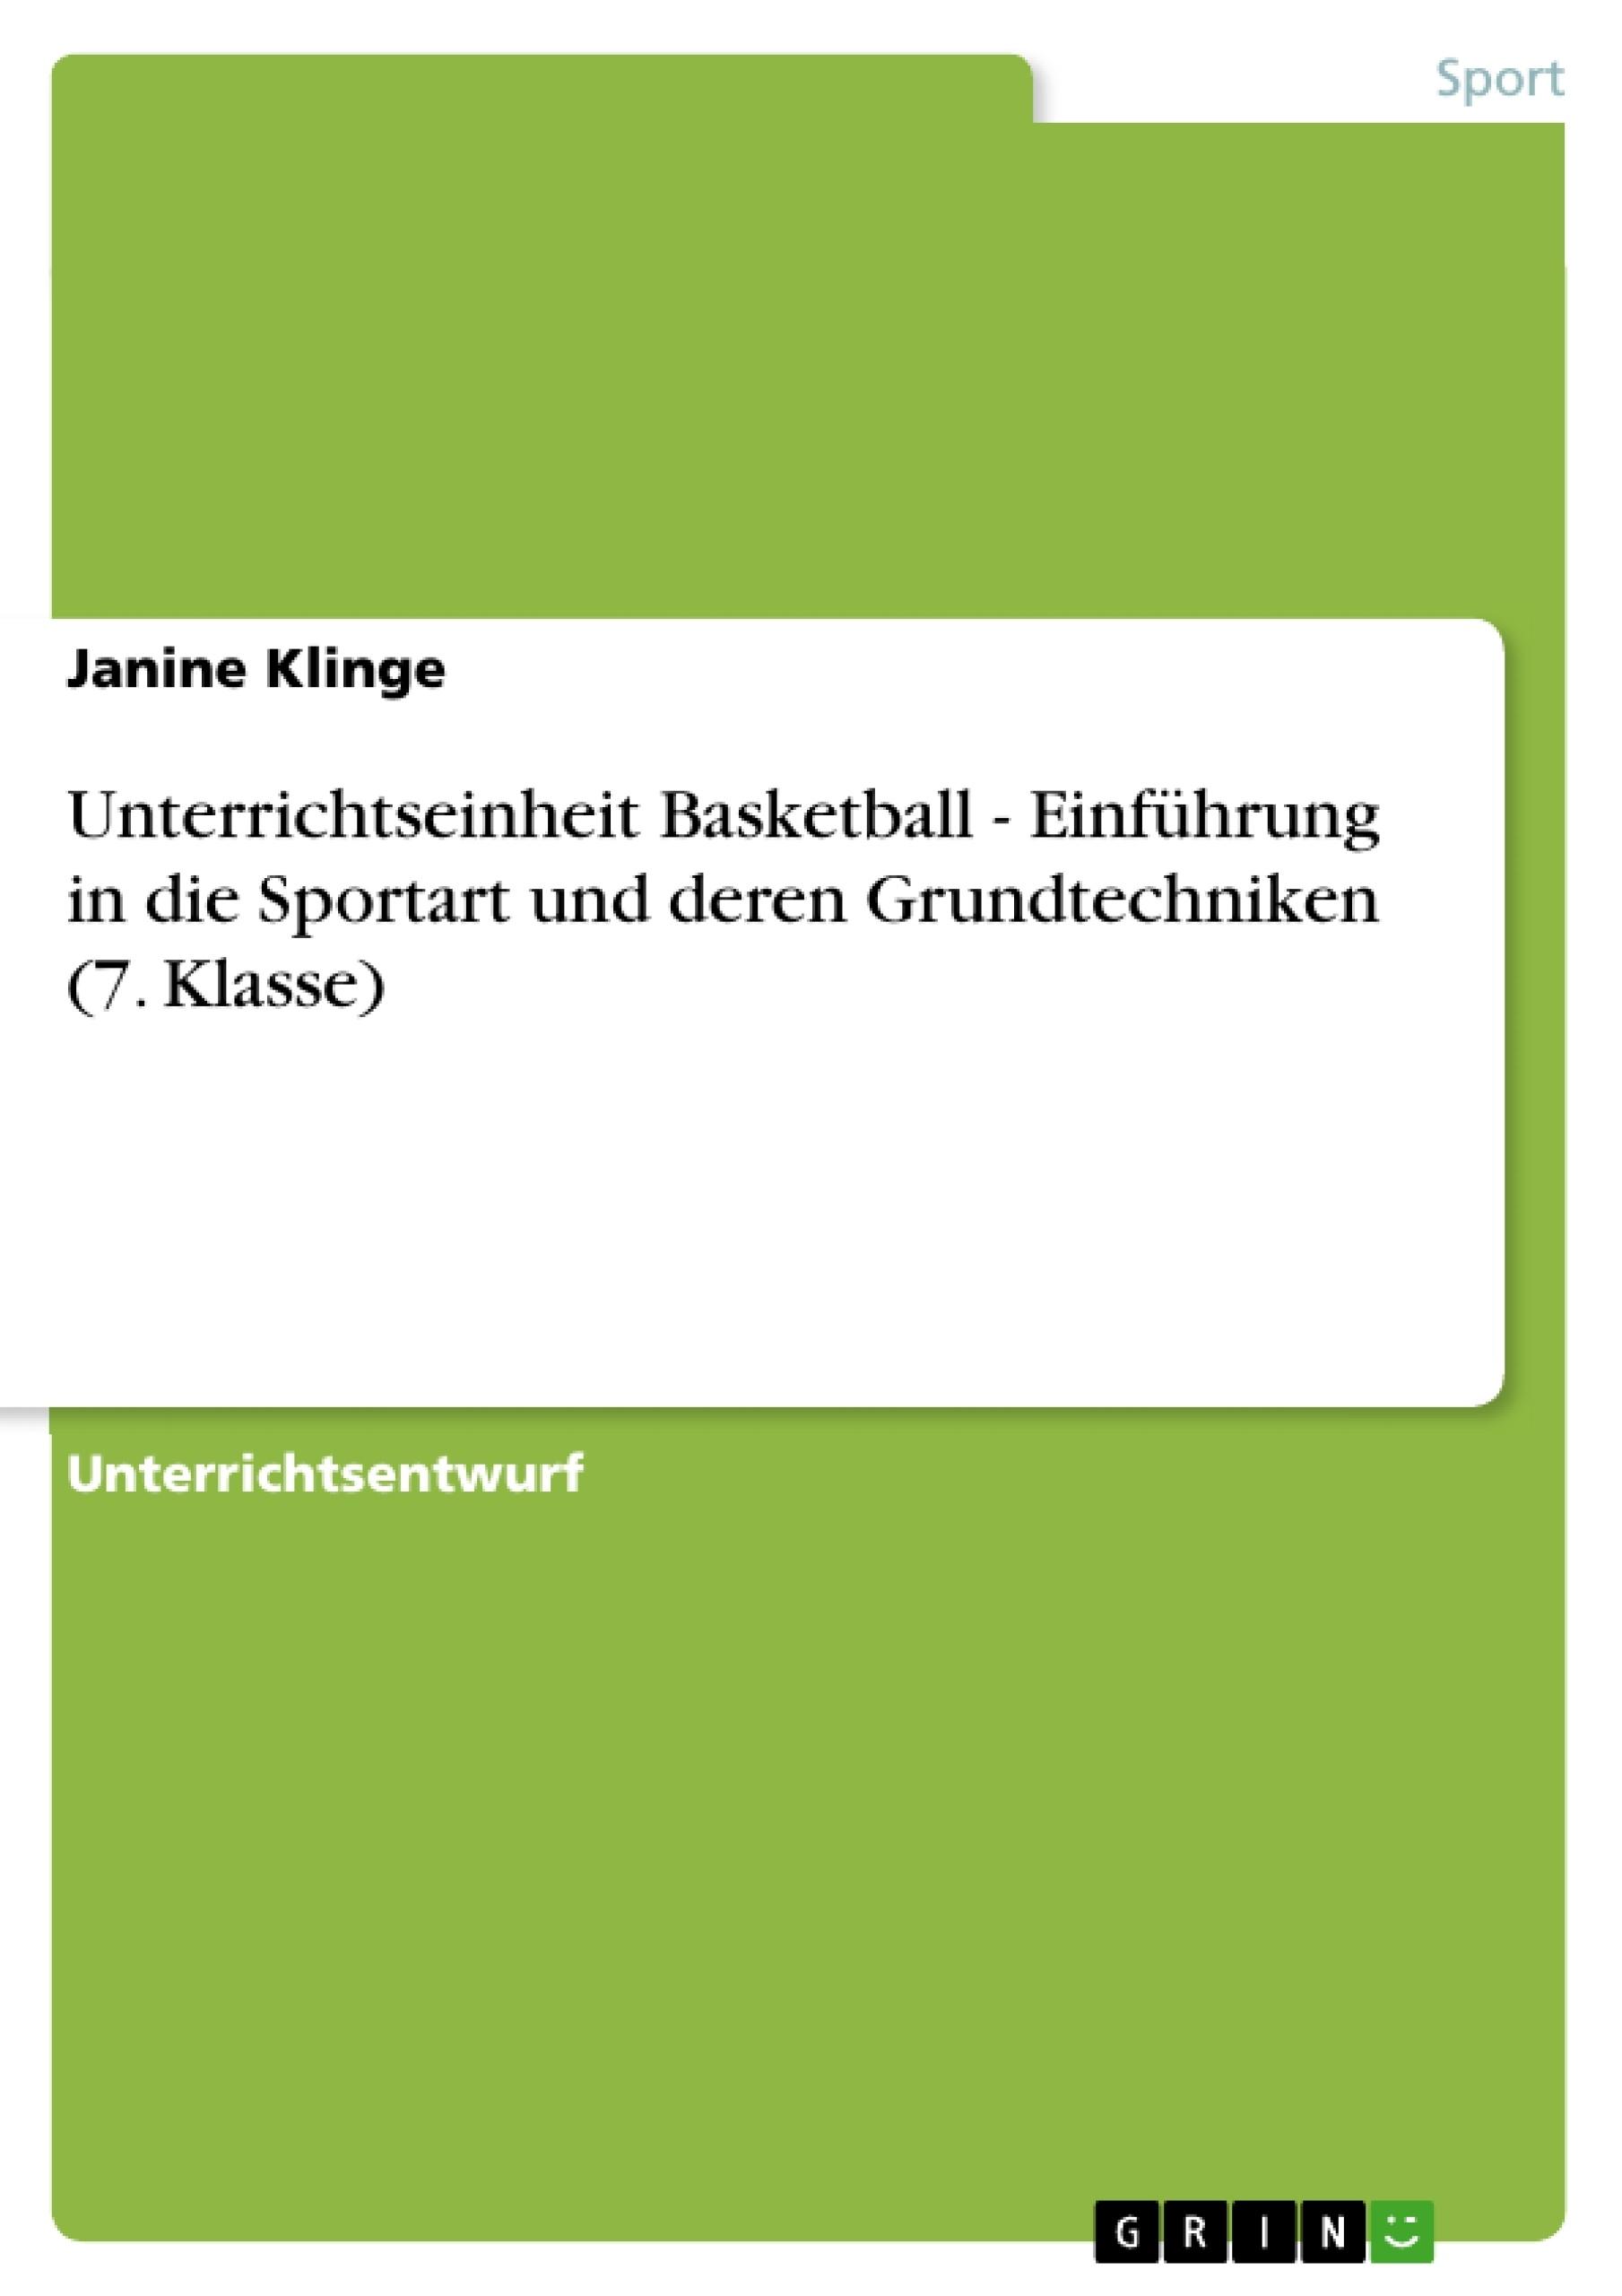 Titel: Unterrichtseinheit Basketball - Einführung in die Sportart und deren Grundtechniken (7. Klasse)